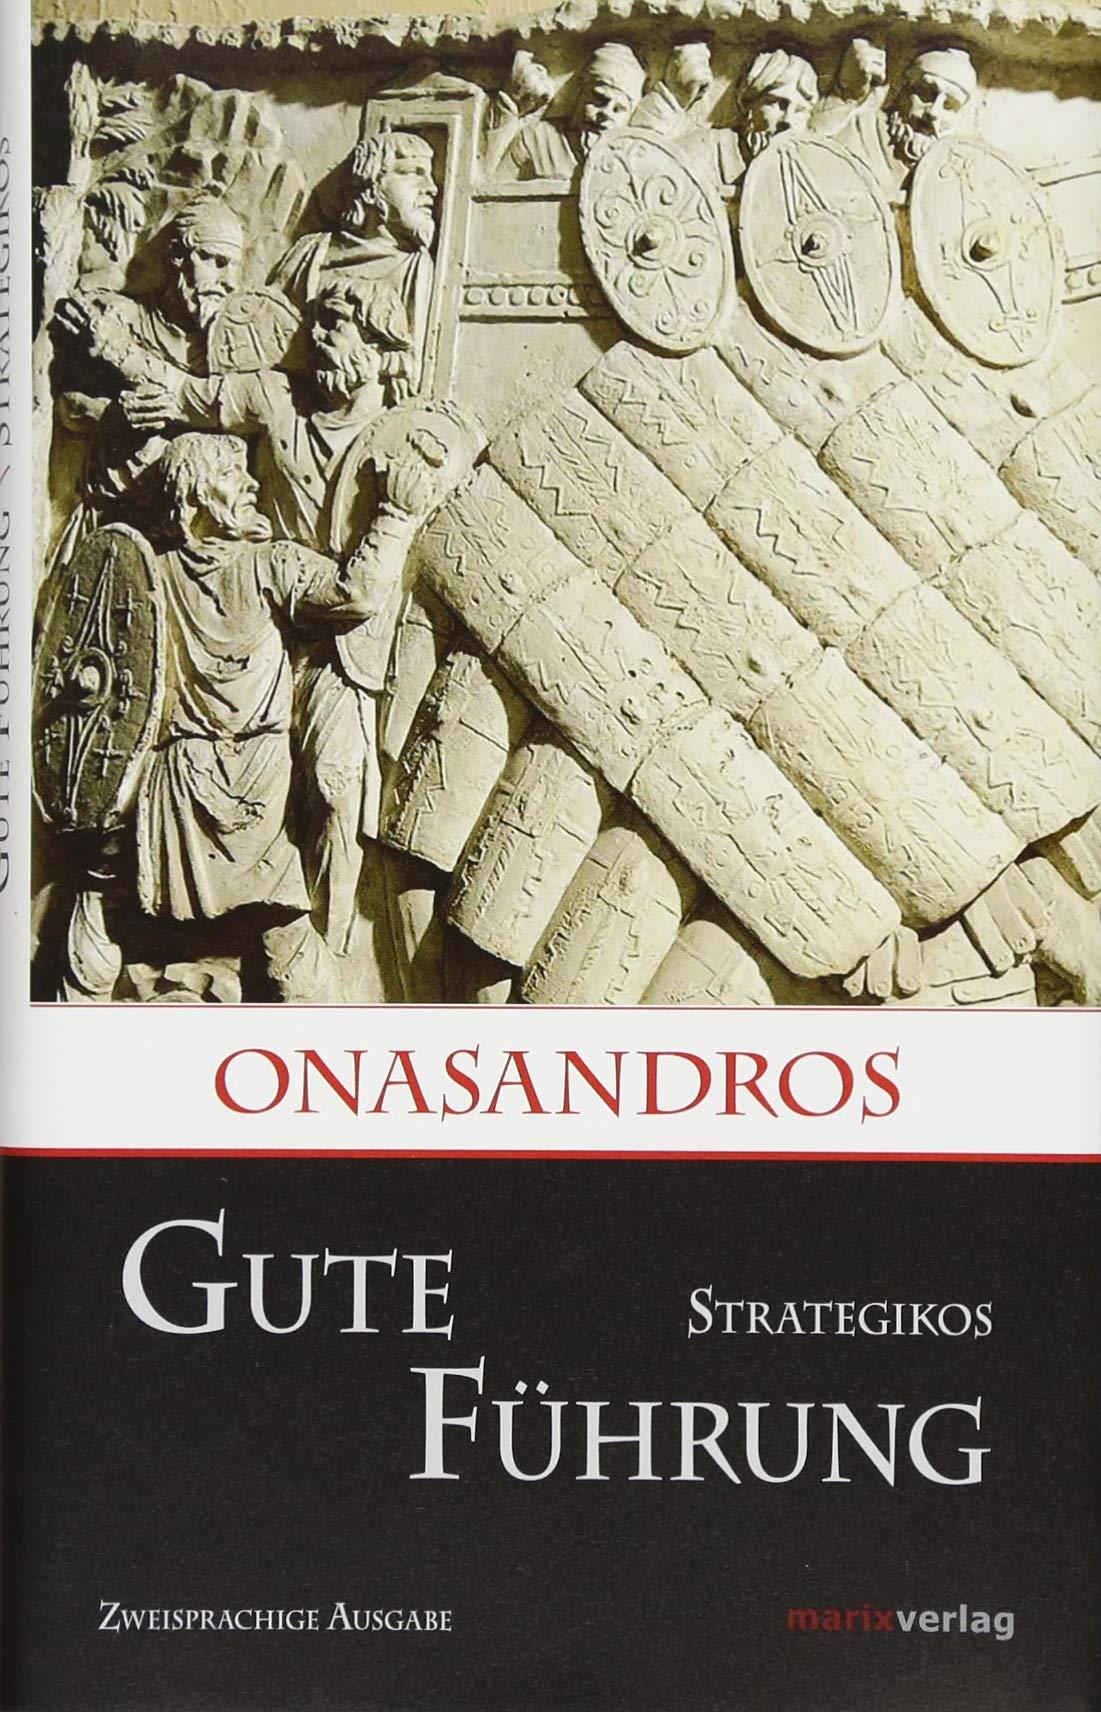 Gute Führung / Strategikos: Zweisprachige Ausgabe (Kleine historische Reihe)